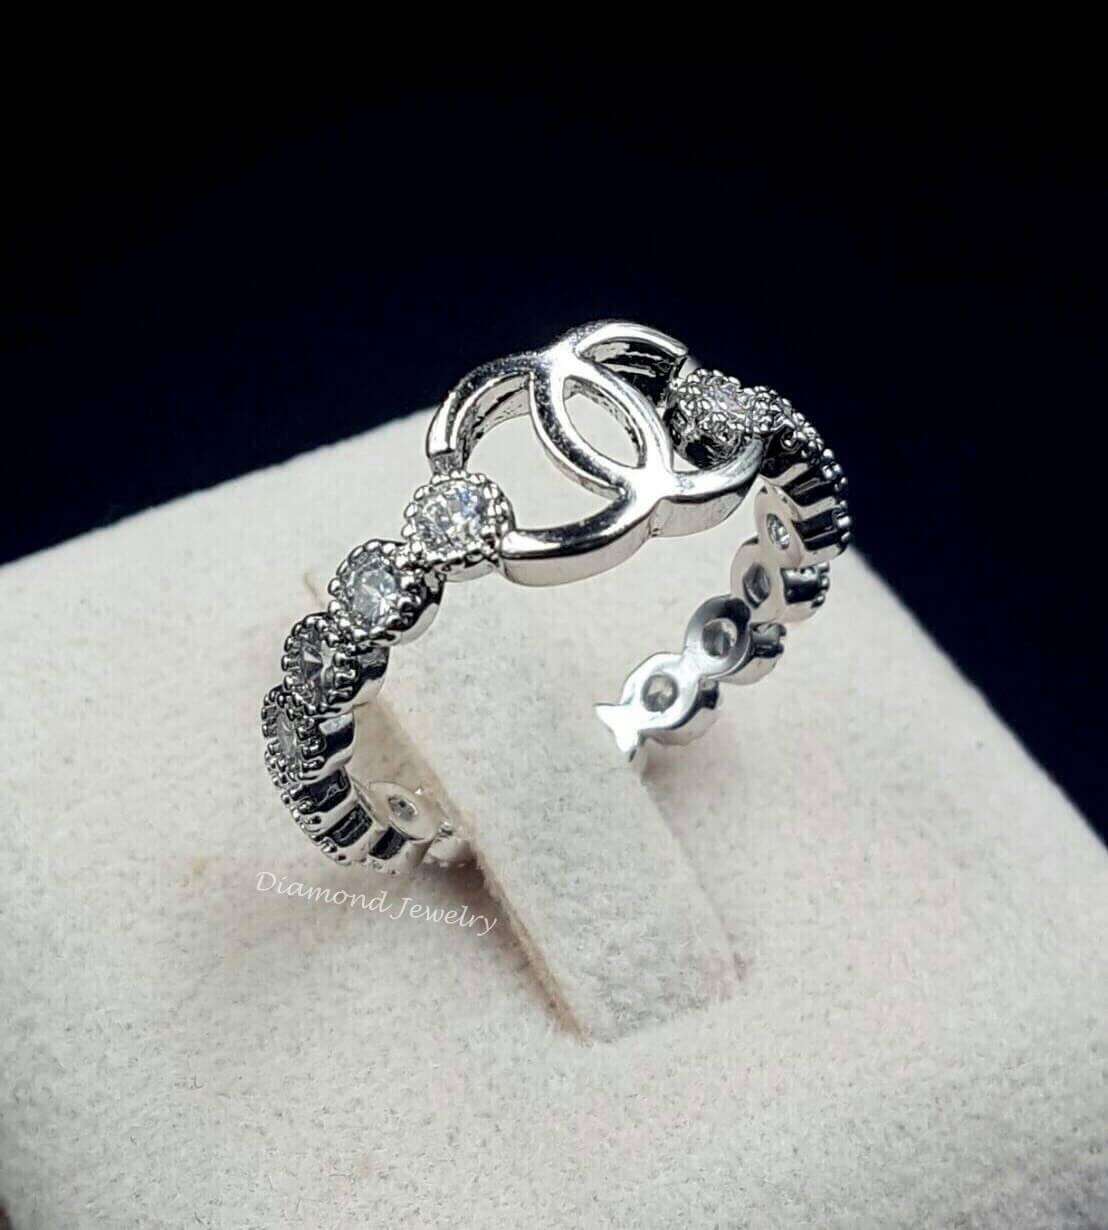 พร้อมส่ง แหวน Chanel เพชรรอบวง โลโก้ชาแนลด้านบน